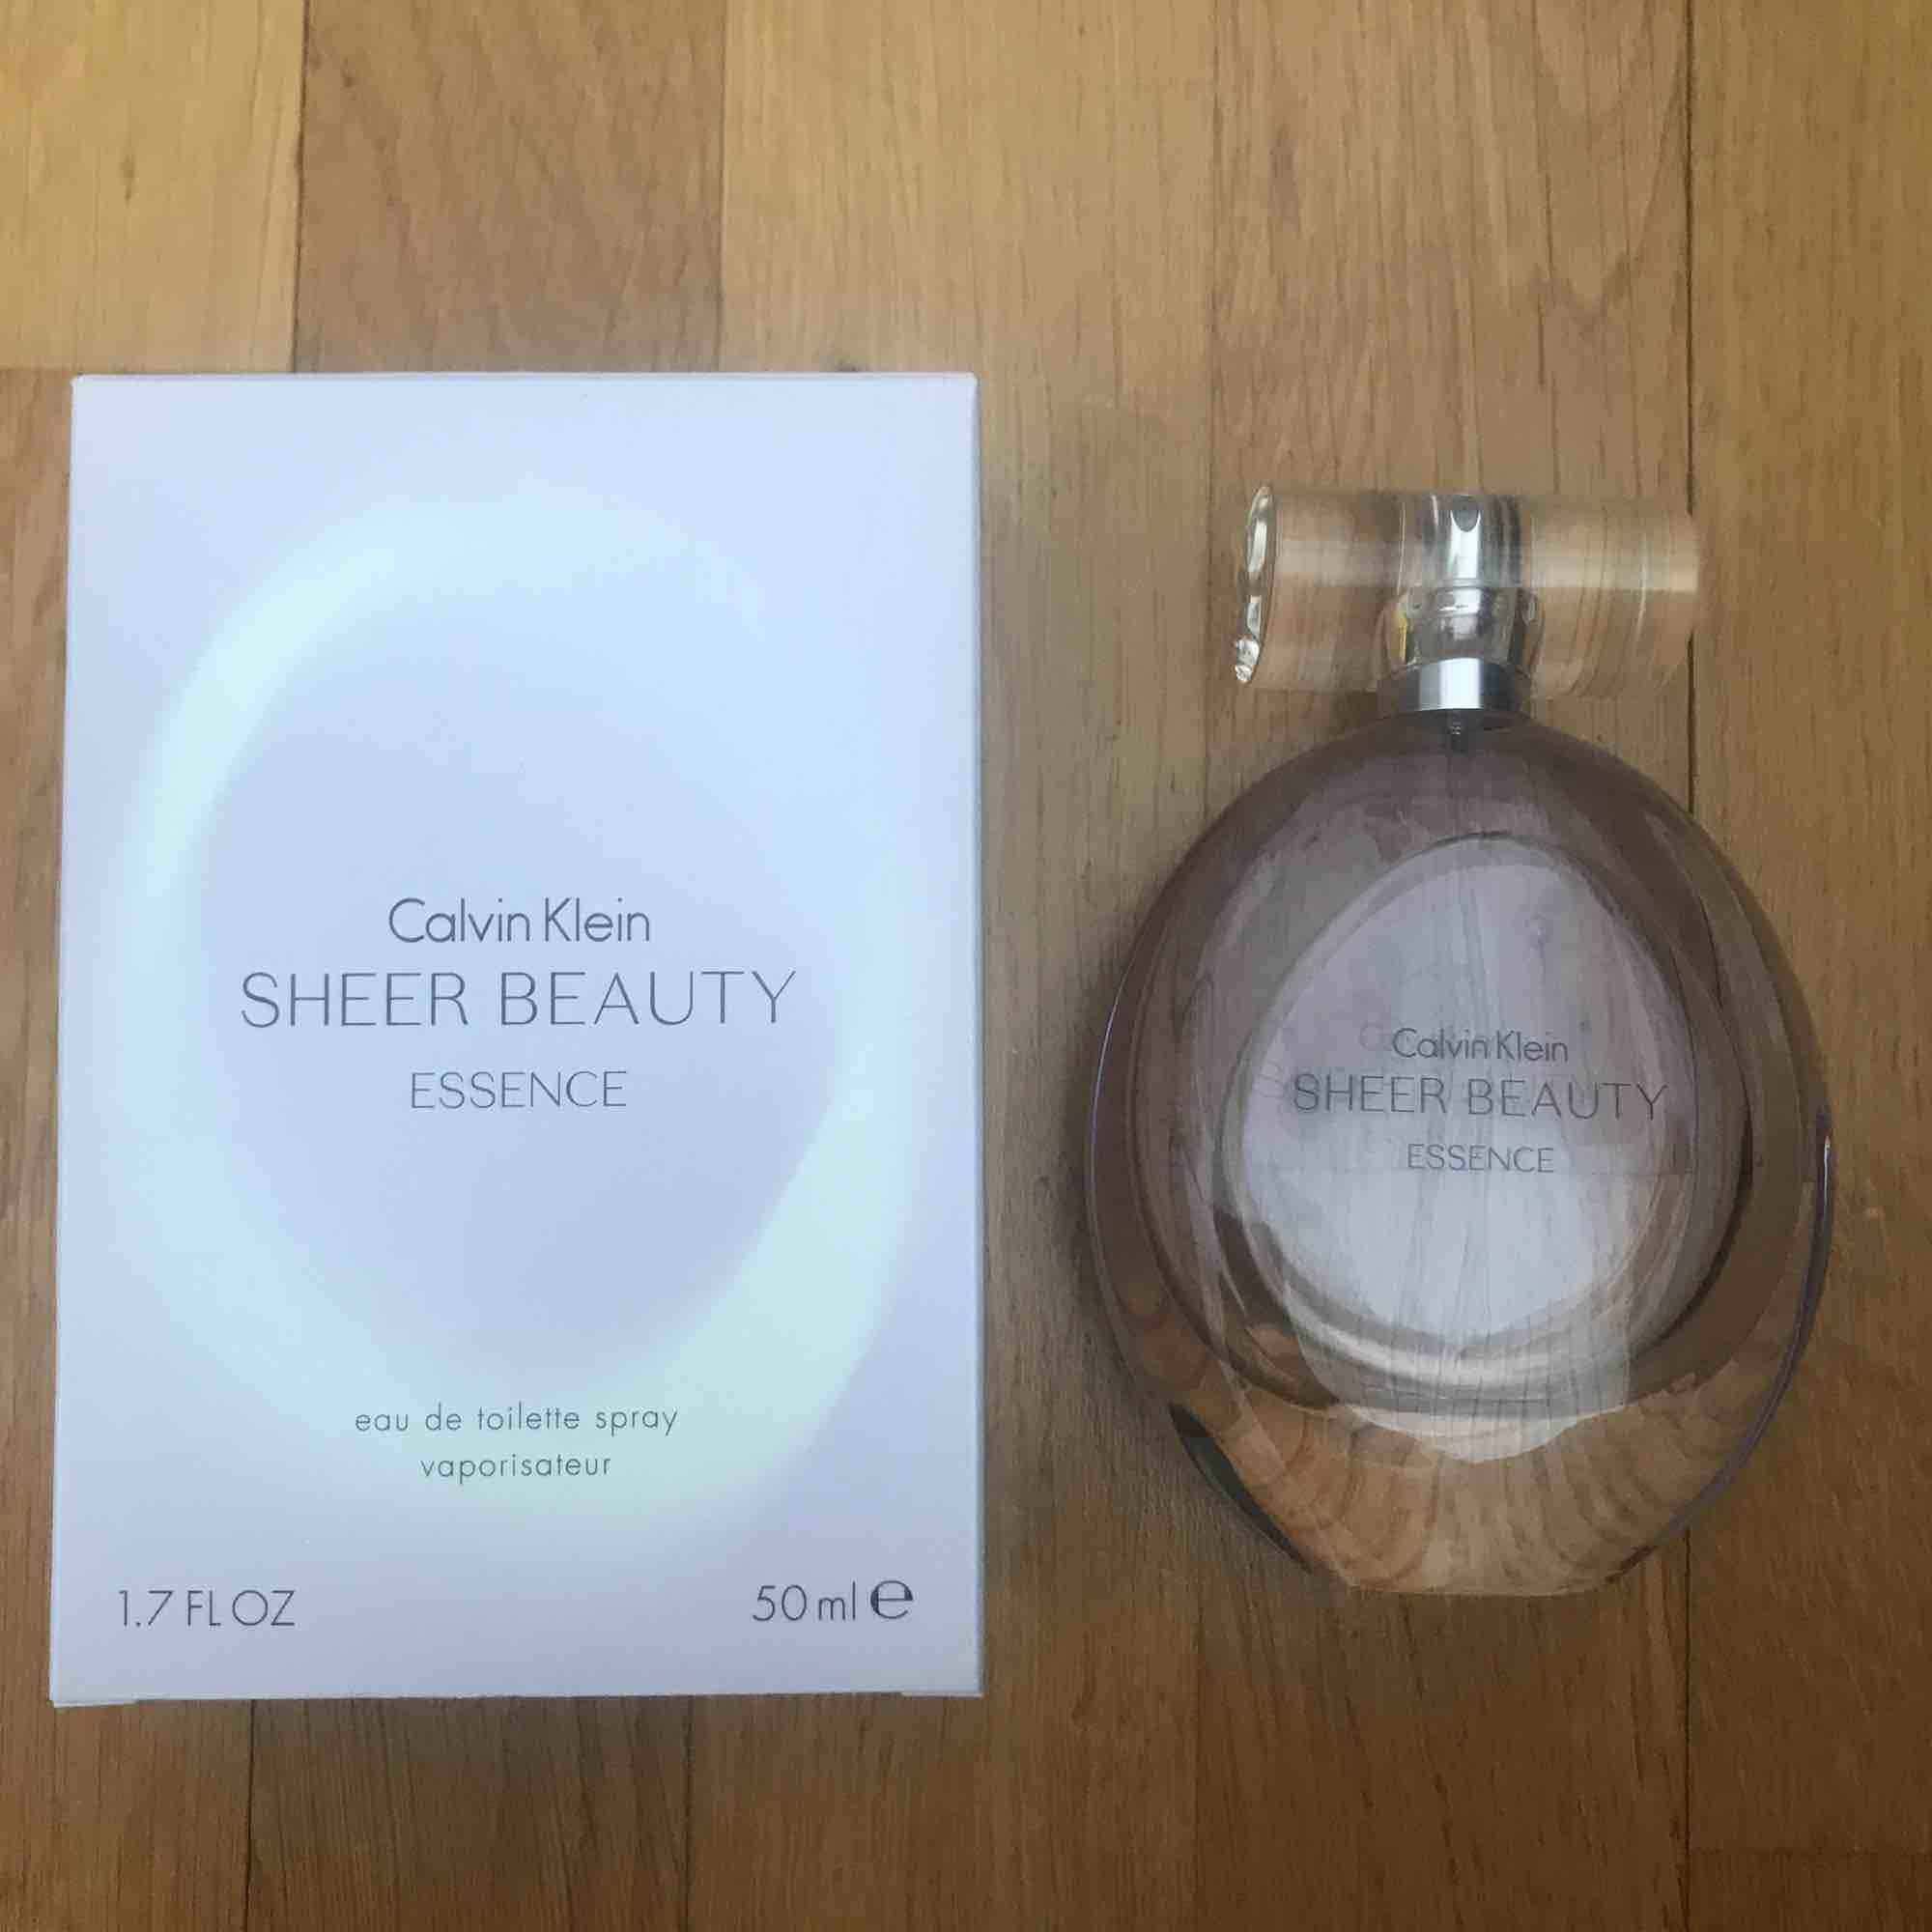 """Parfymen """"Sheer Beauty"""" från Calvin Klein. Oanvänd och har kvar förpackningen. Innehåller 50 ml. Accessoarer."""